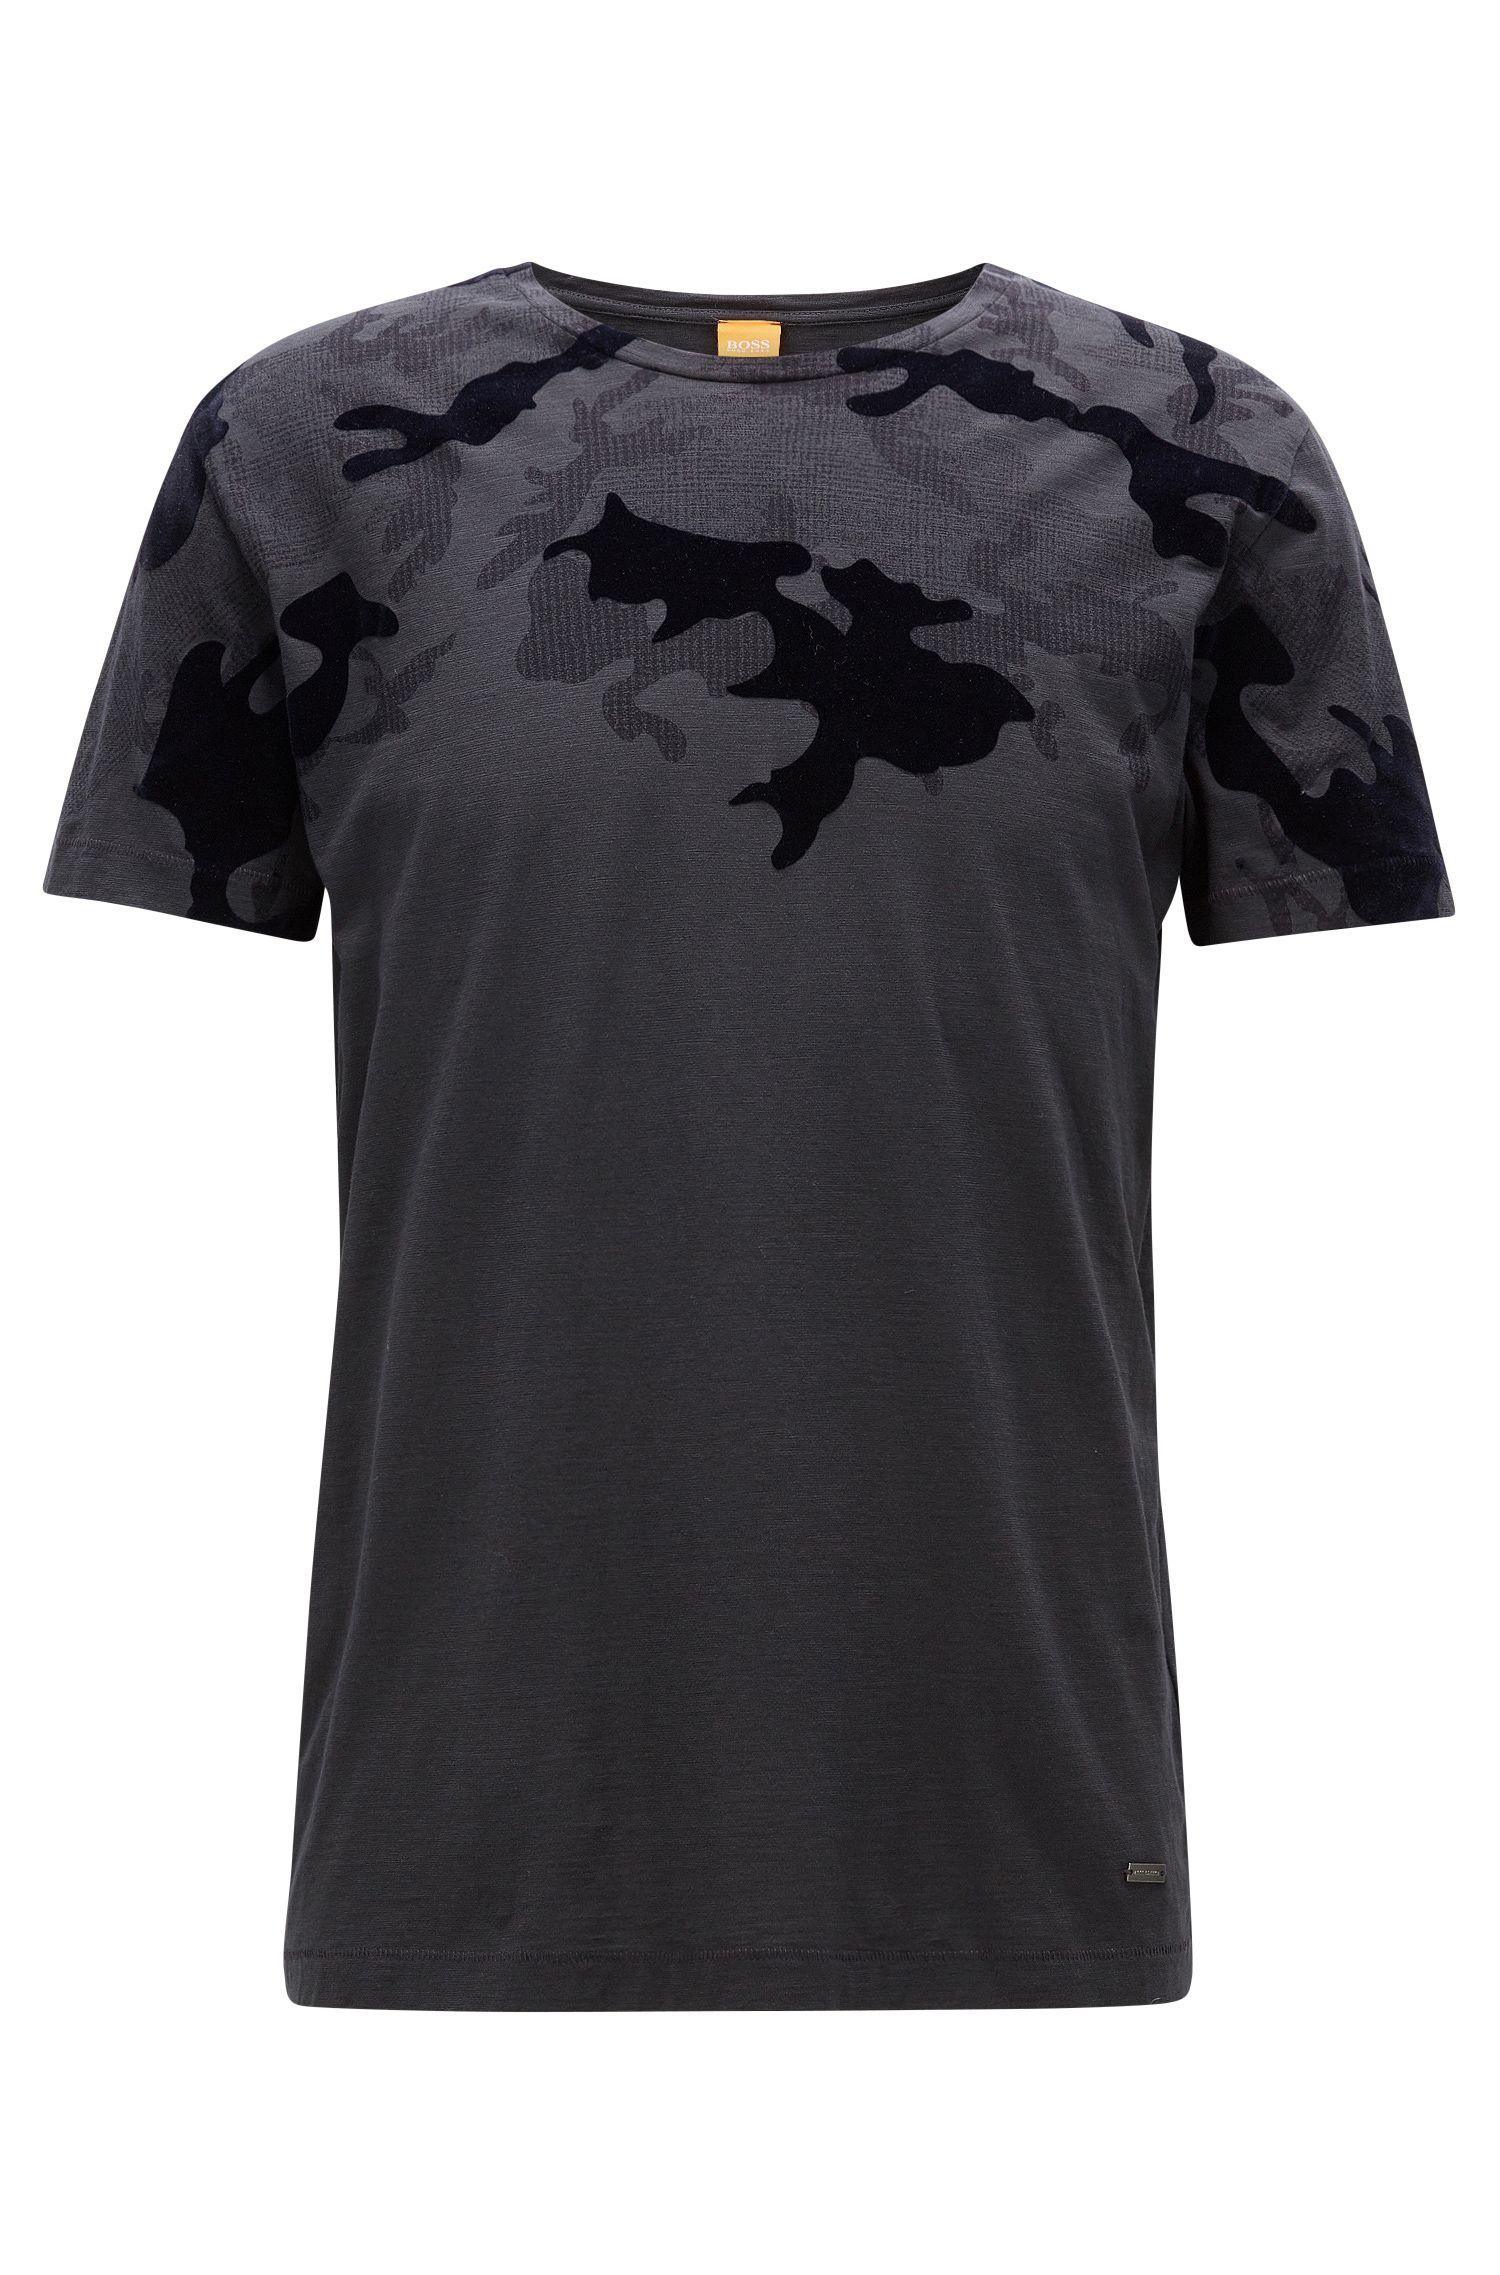 Bedrucktes Regular Fit T-Shirt aus strukturiertem Baumwoll-Jersey